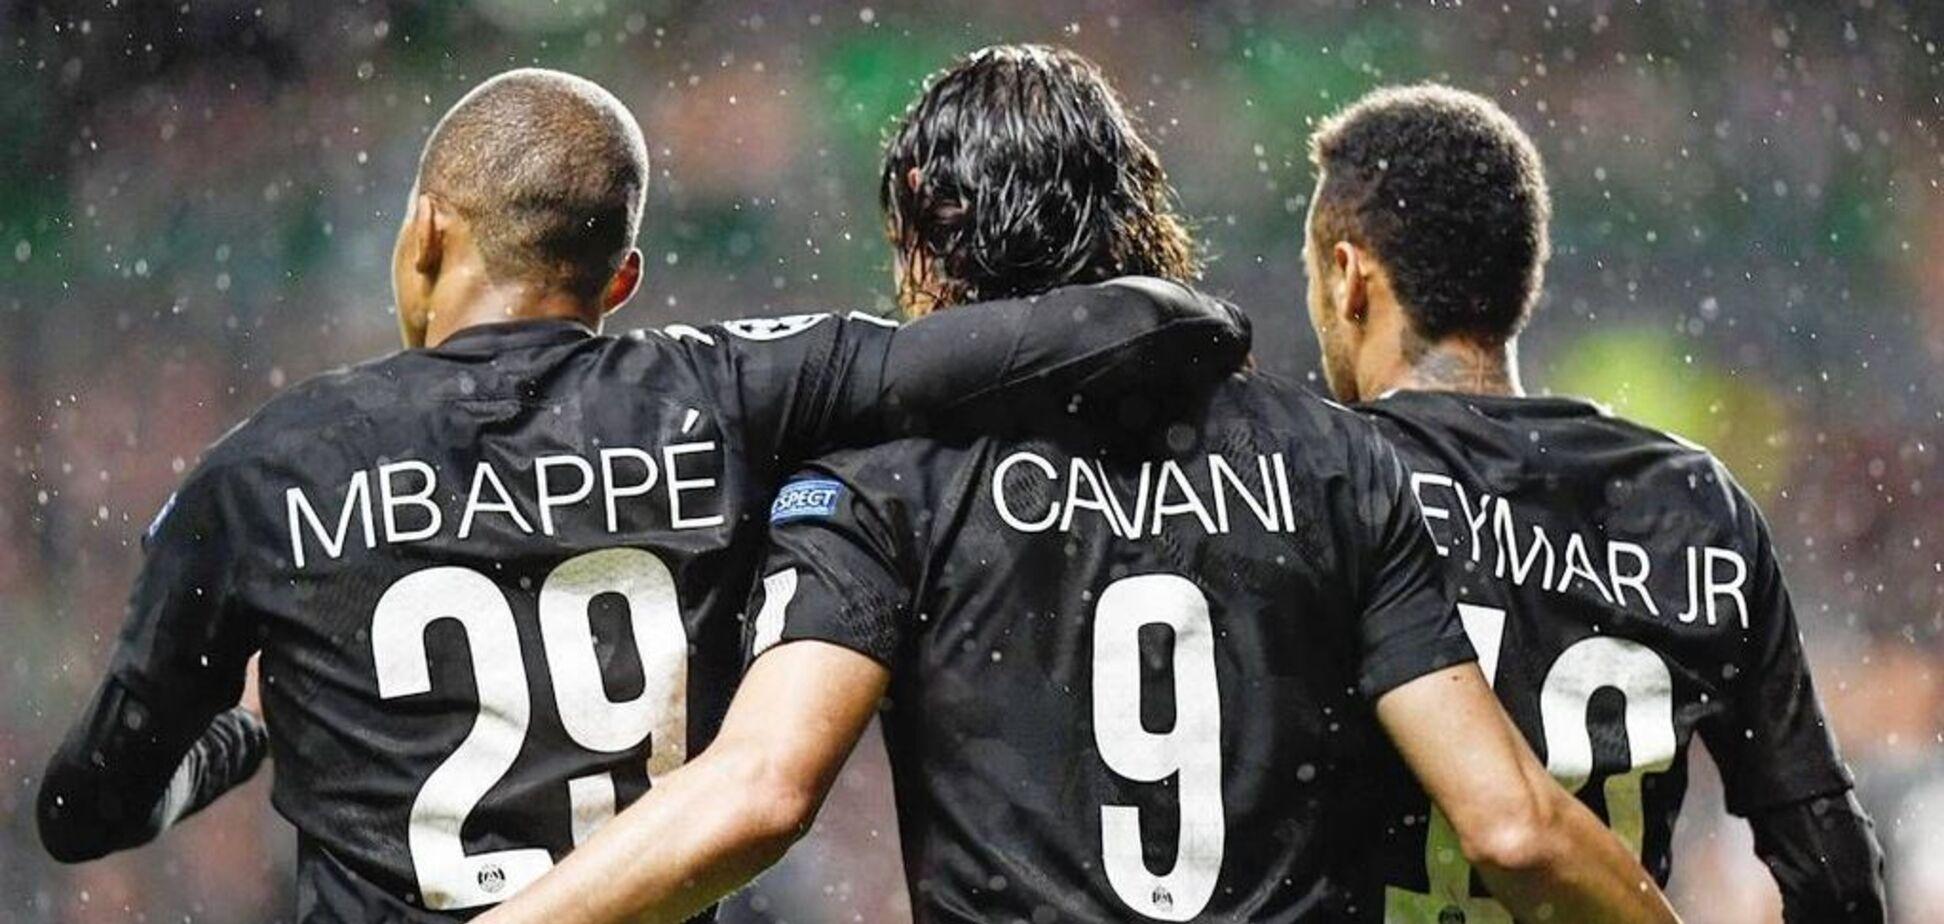 ПСЖ понес чудовищные потери перед битвой с 'Реалом' в Лиге чемпионов